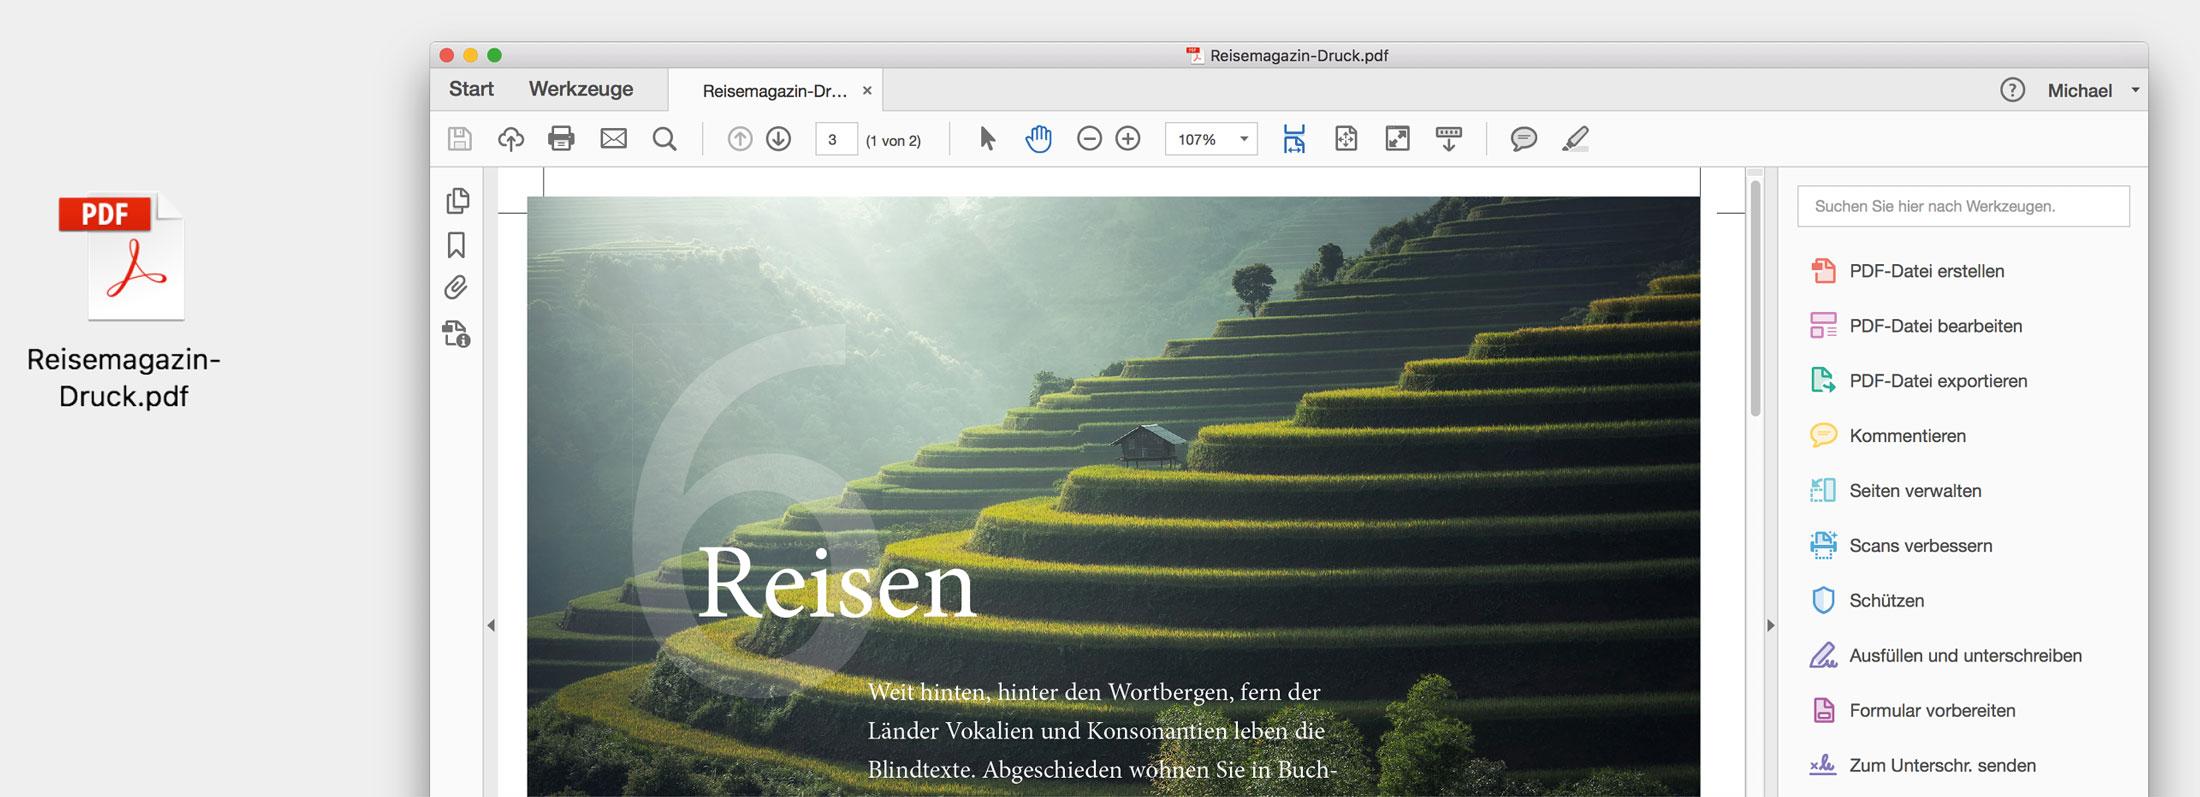 Druck-PDF schreiben in InDesign